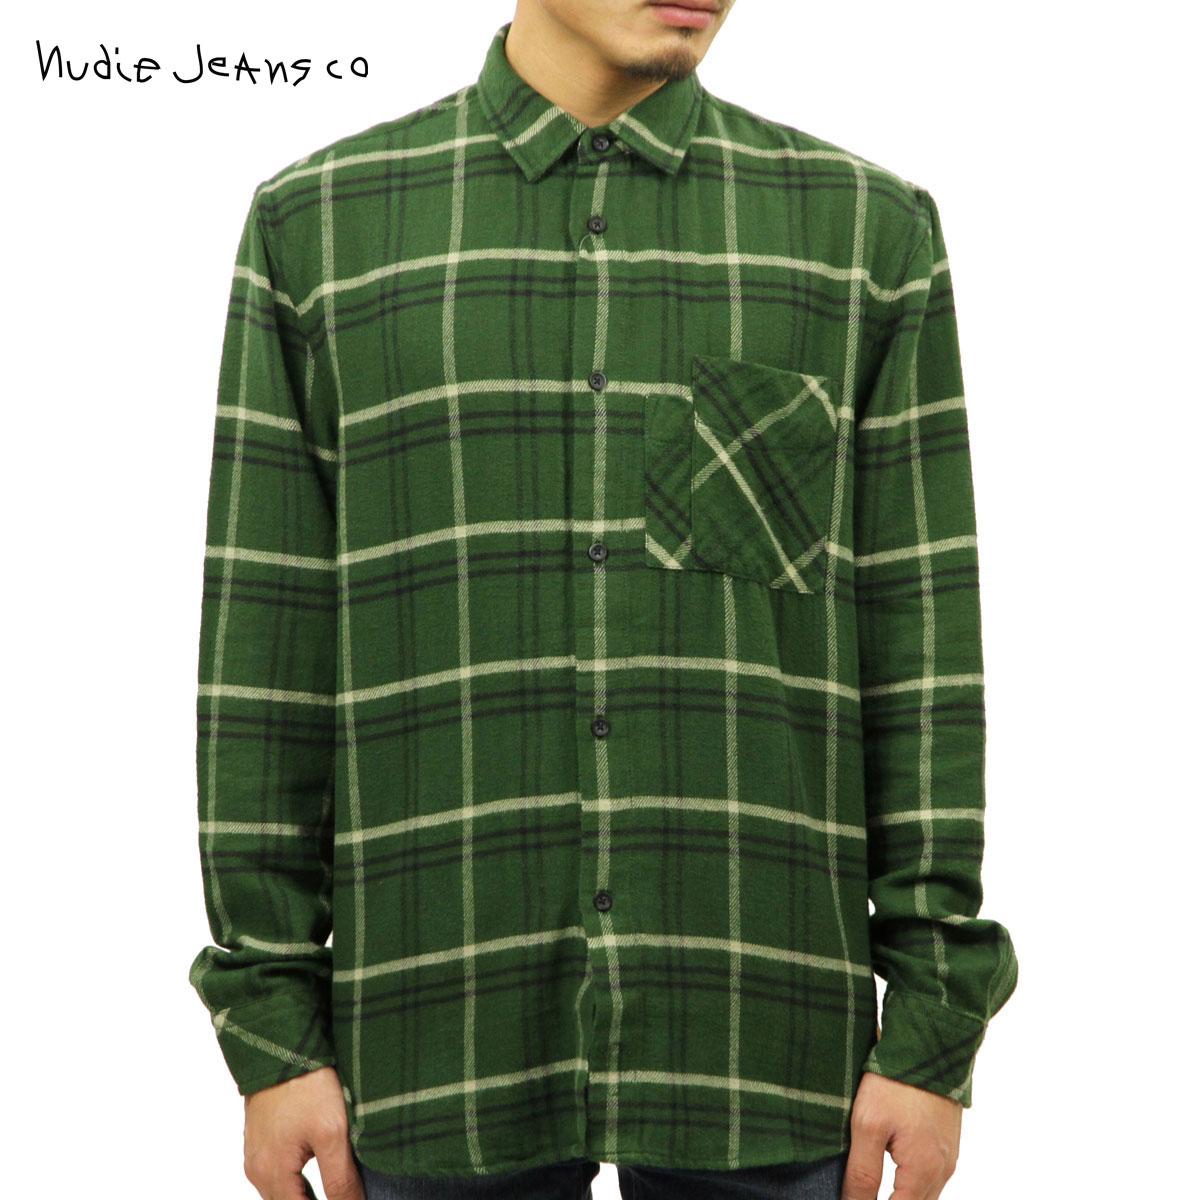 ヌーディージーンズ Nudie Jeans 正規販売店 メンズ 長袖シャツ CALLE CANADIAN CHECK SHIRT 140498 3002 GRASS